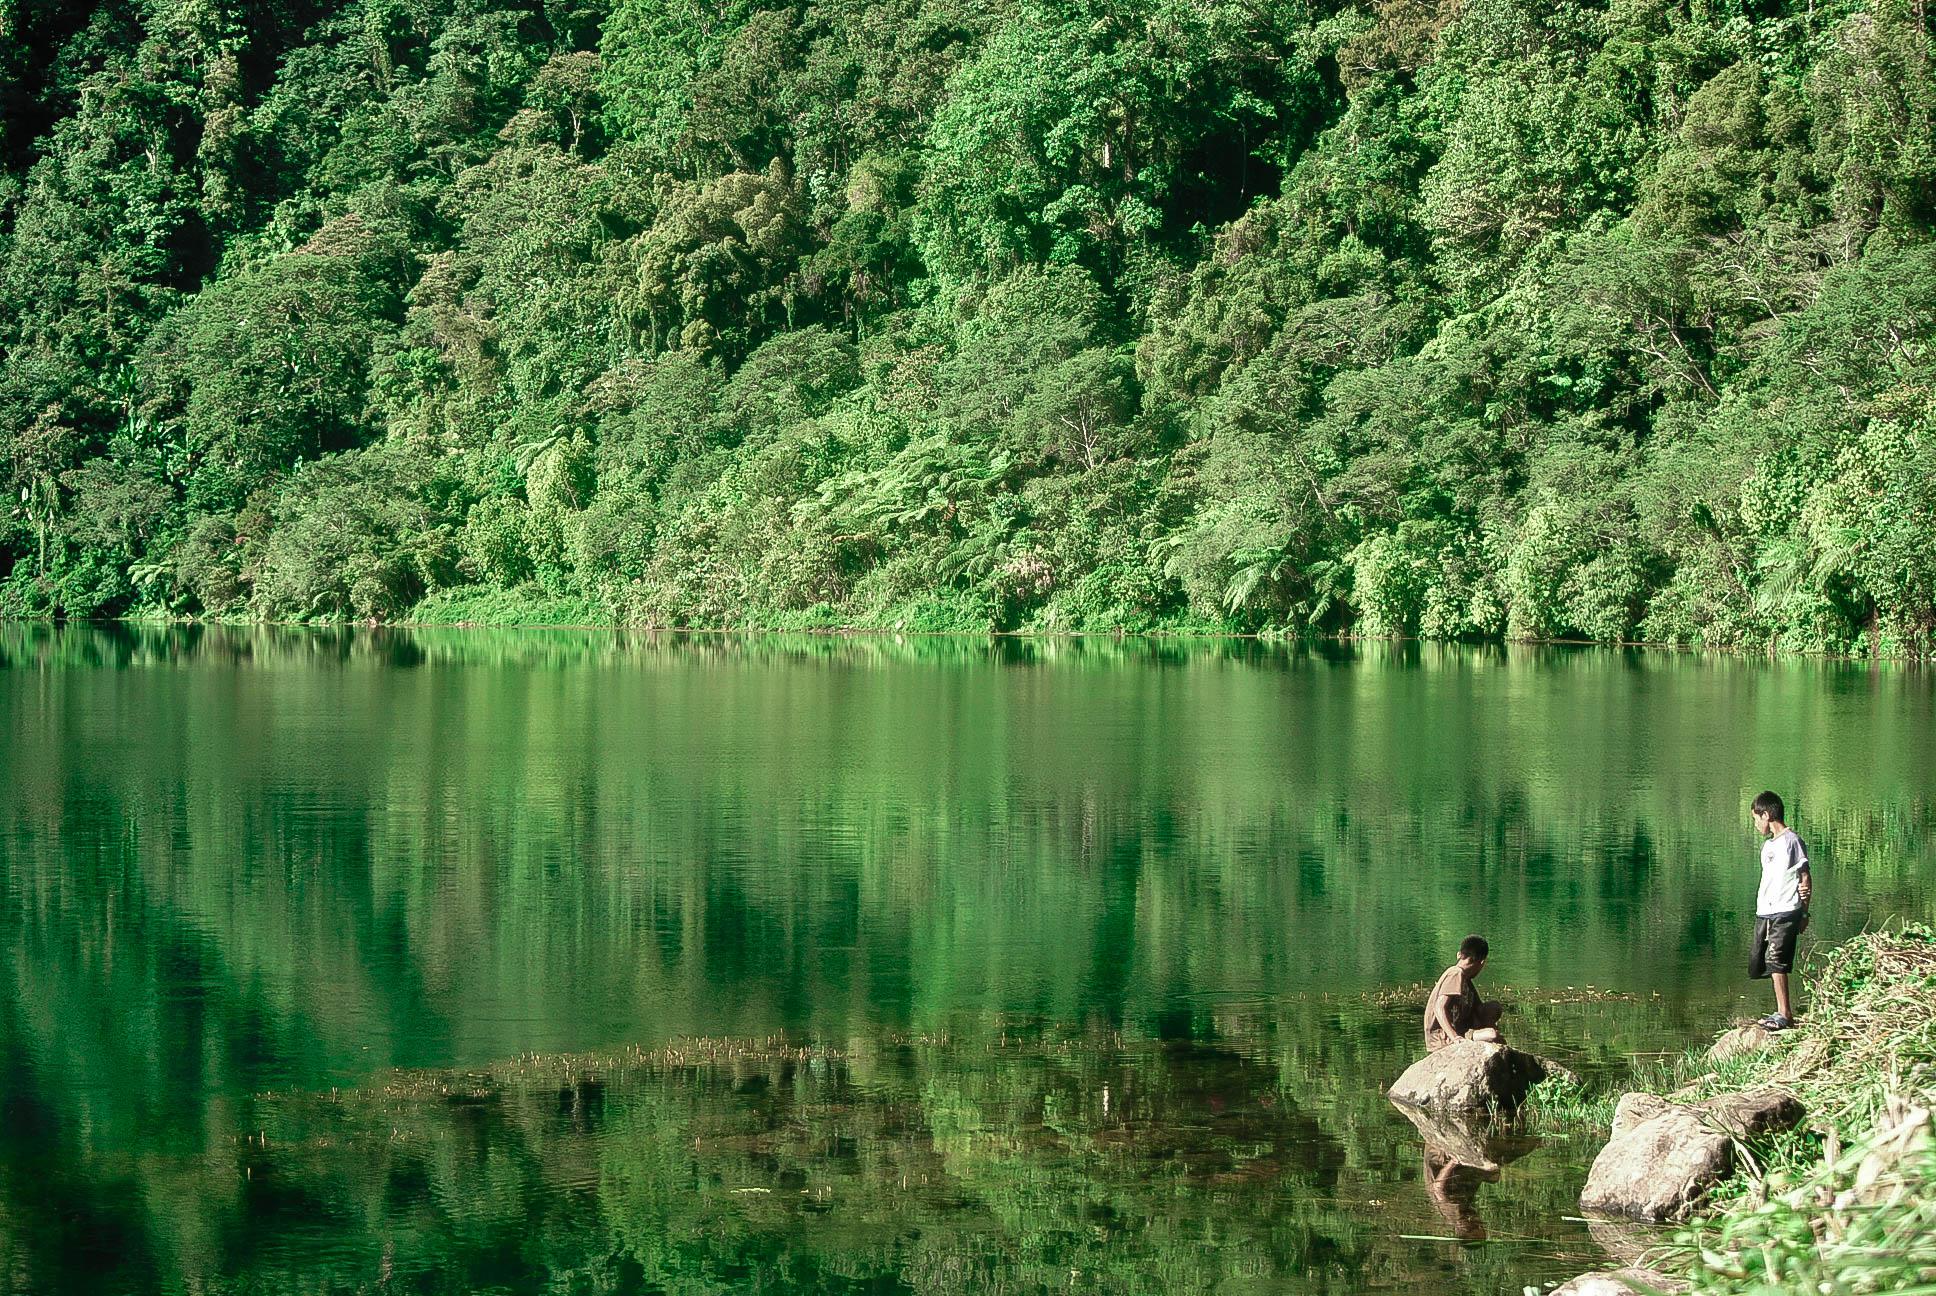 lake holon 16 (1 of 1)